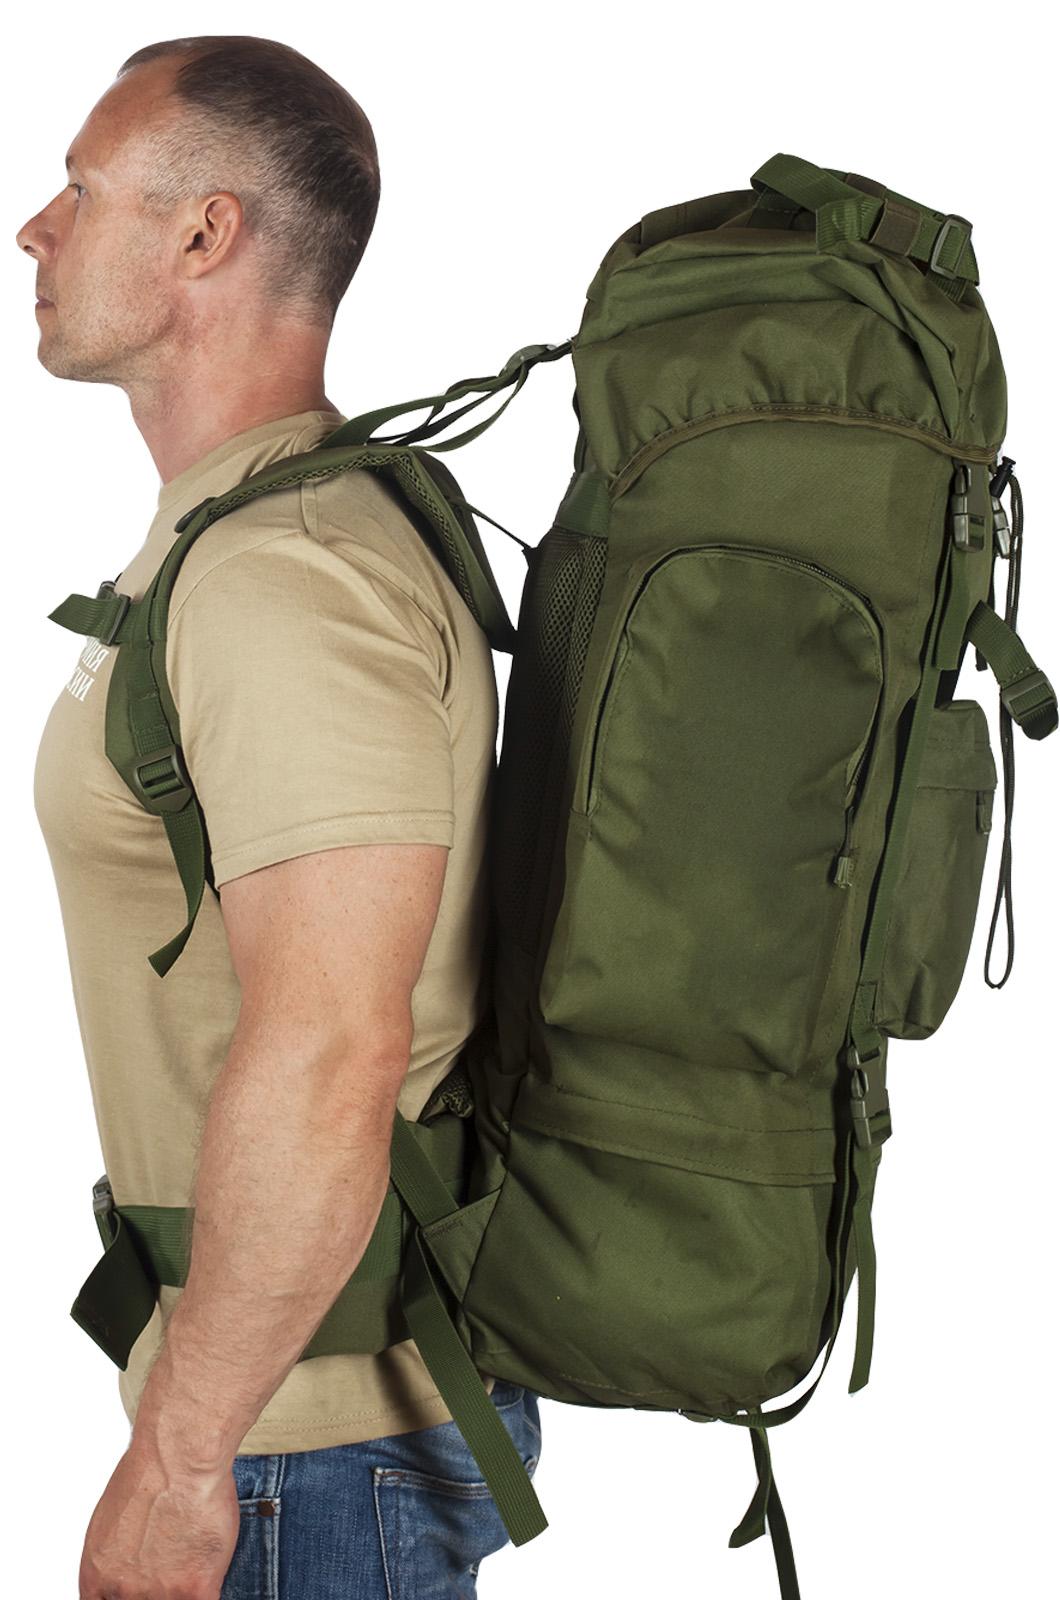 Армейский тактический рюкзак с в нашивкой Пограничной службы - заказать с доставкой